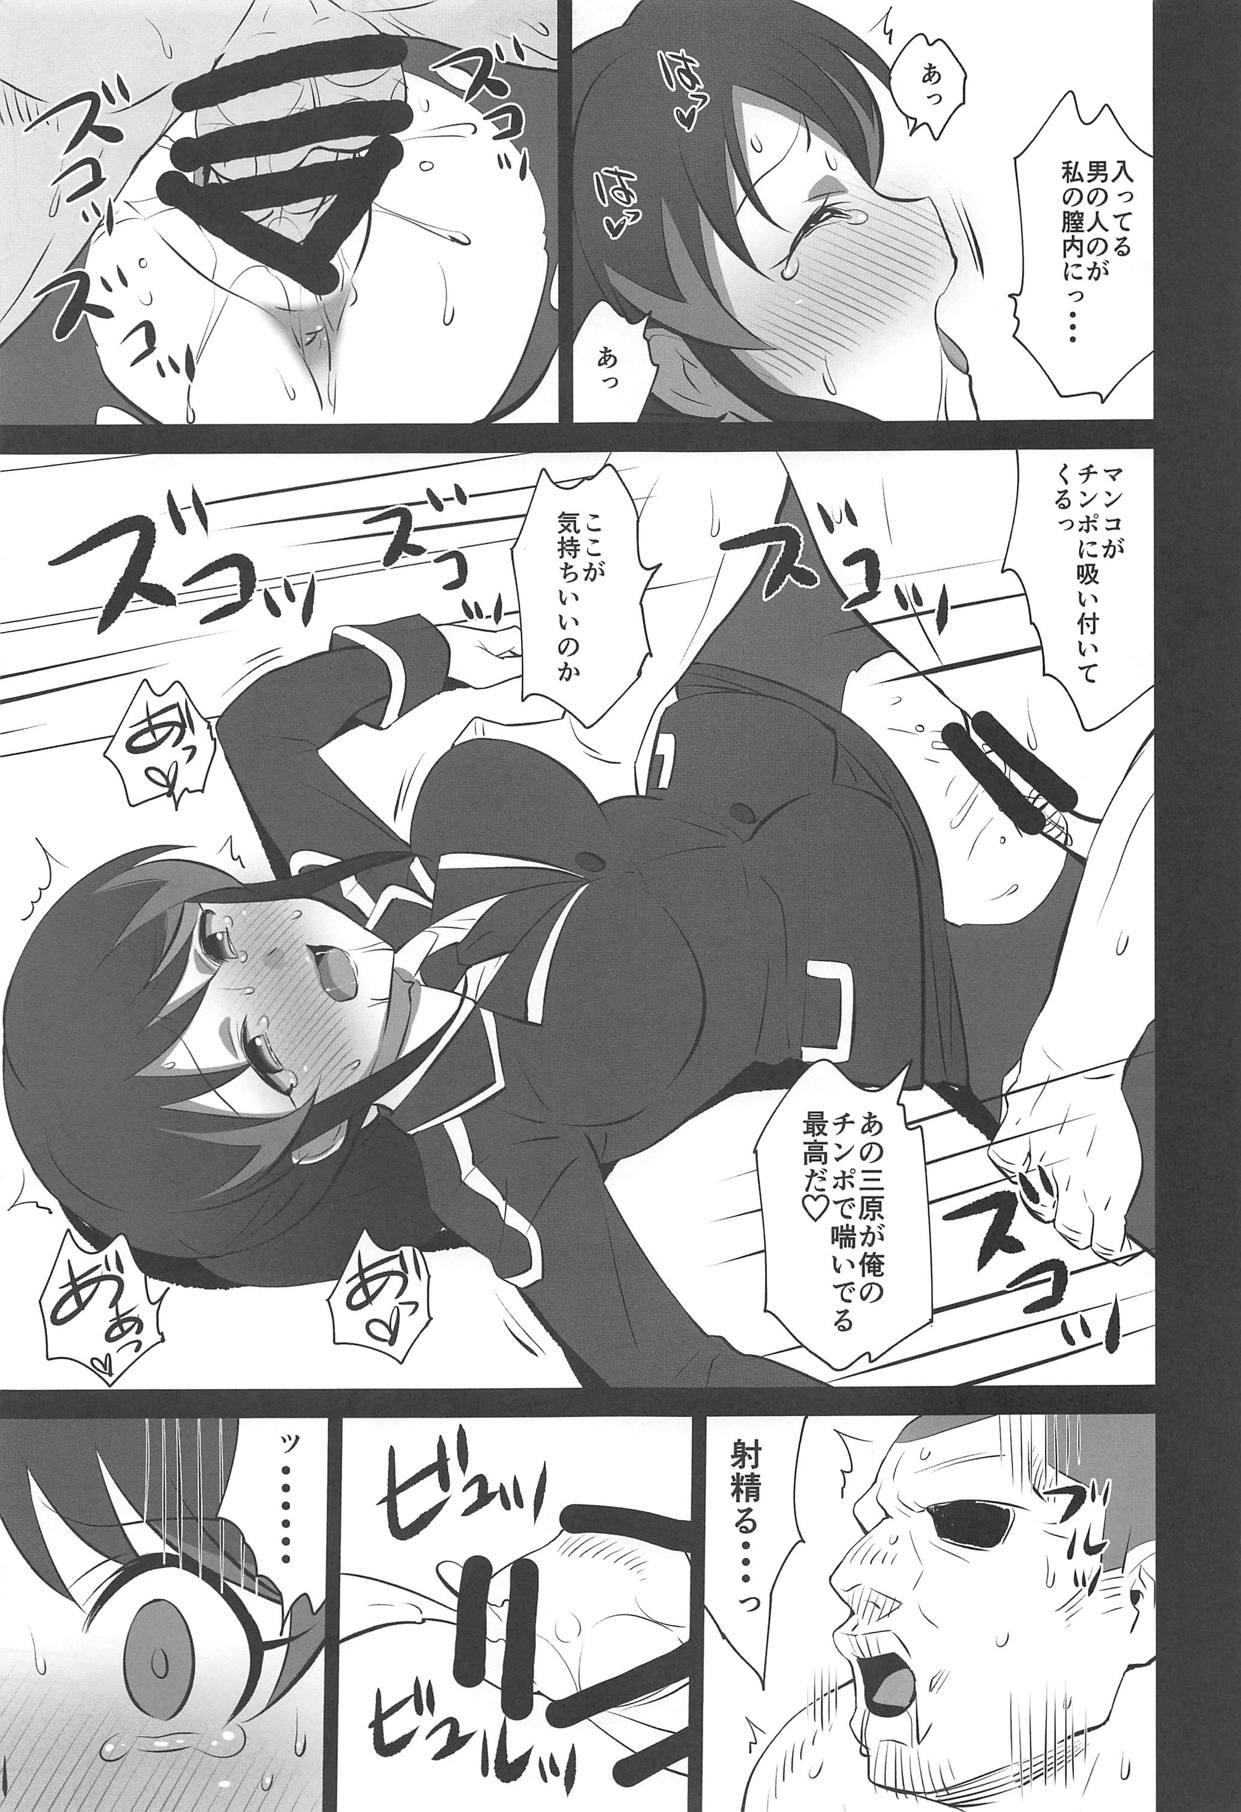 【同人】イロイロトンネルカイツウ★【シンカリオン】